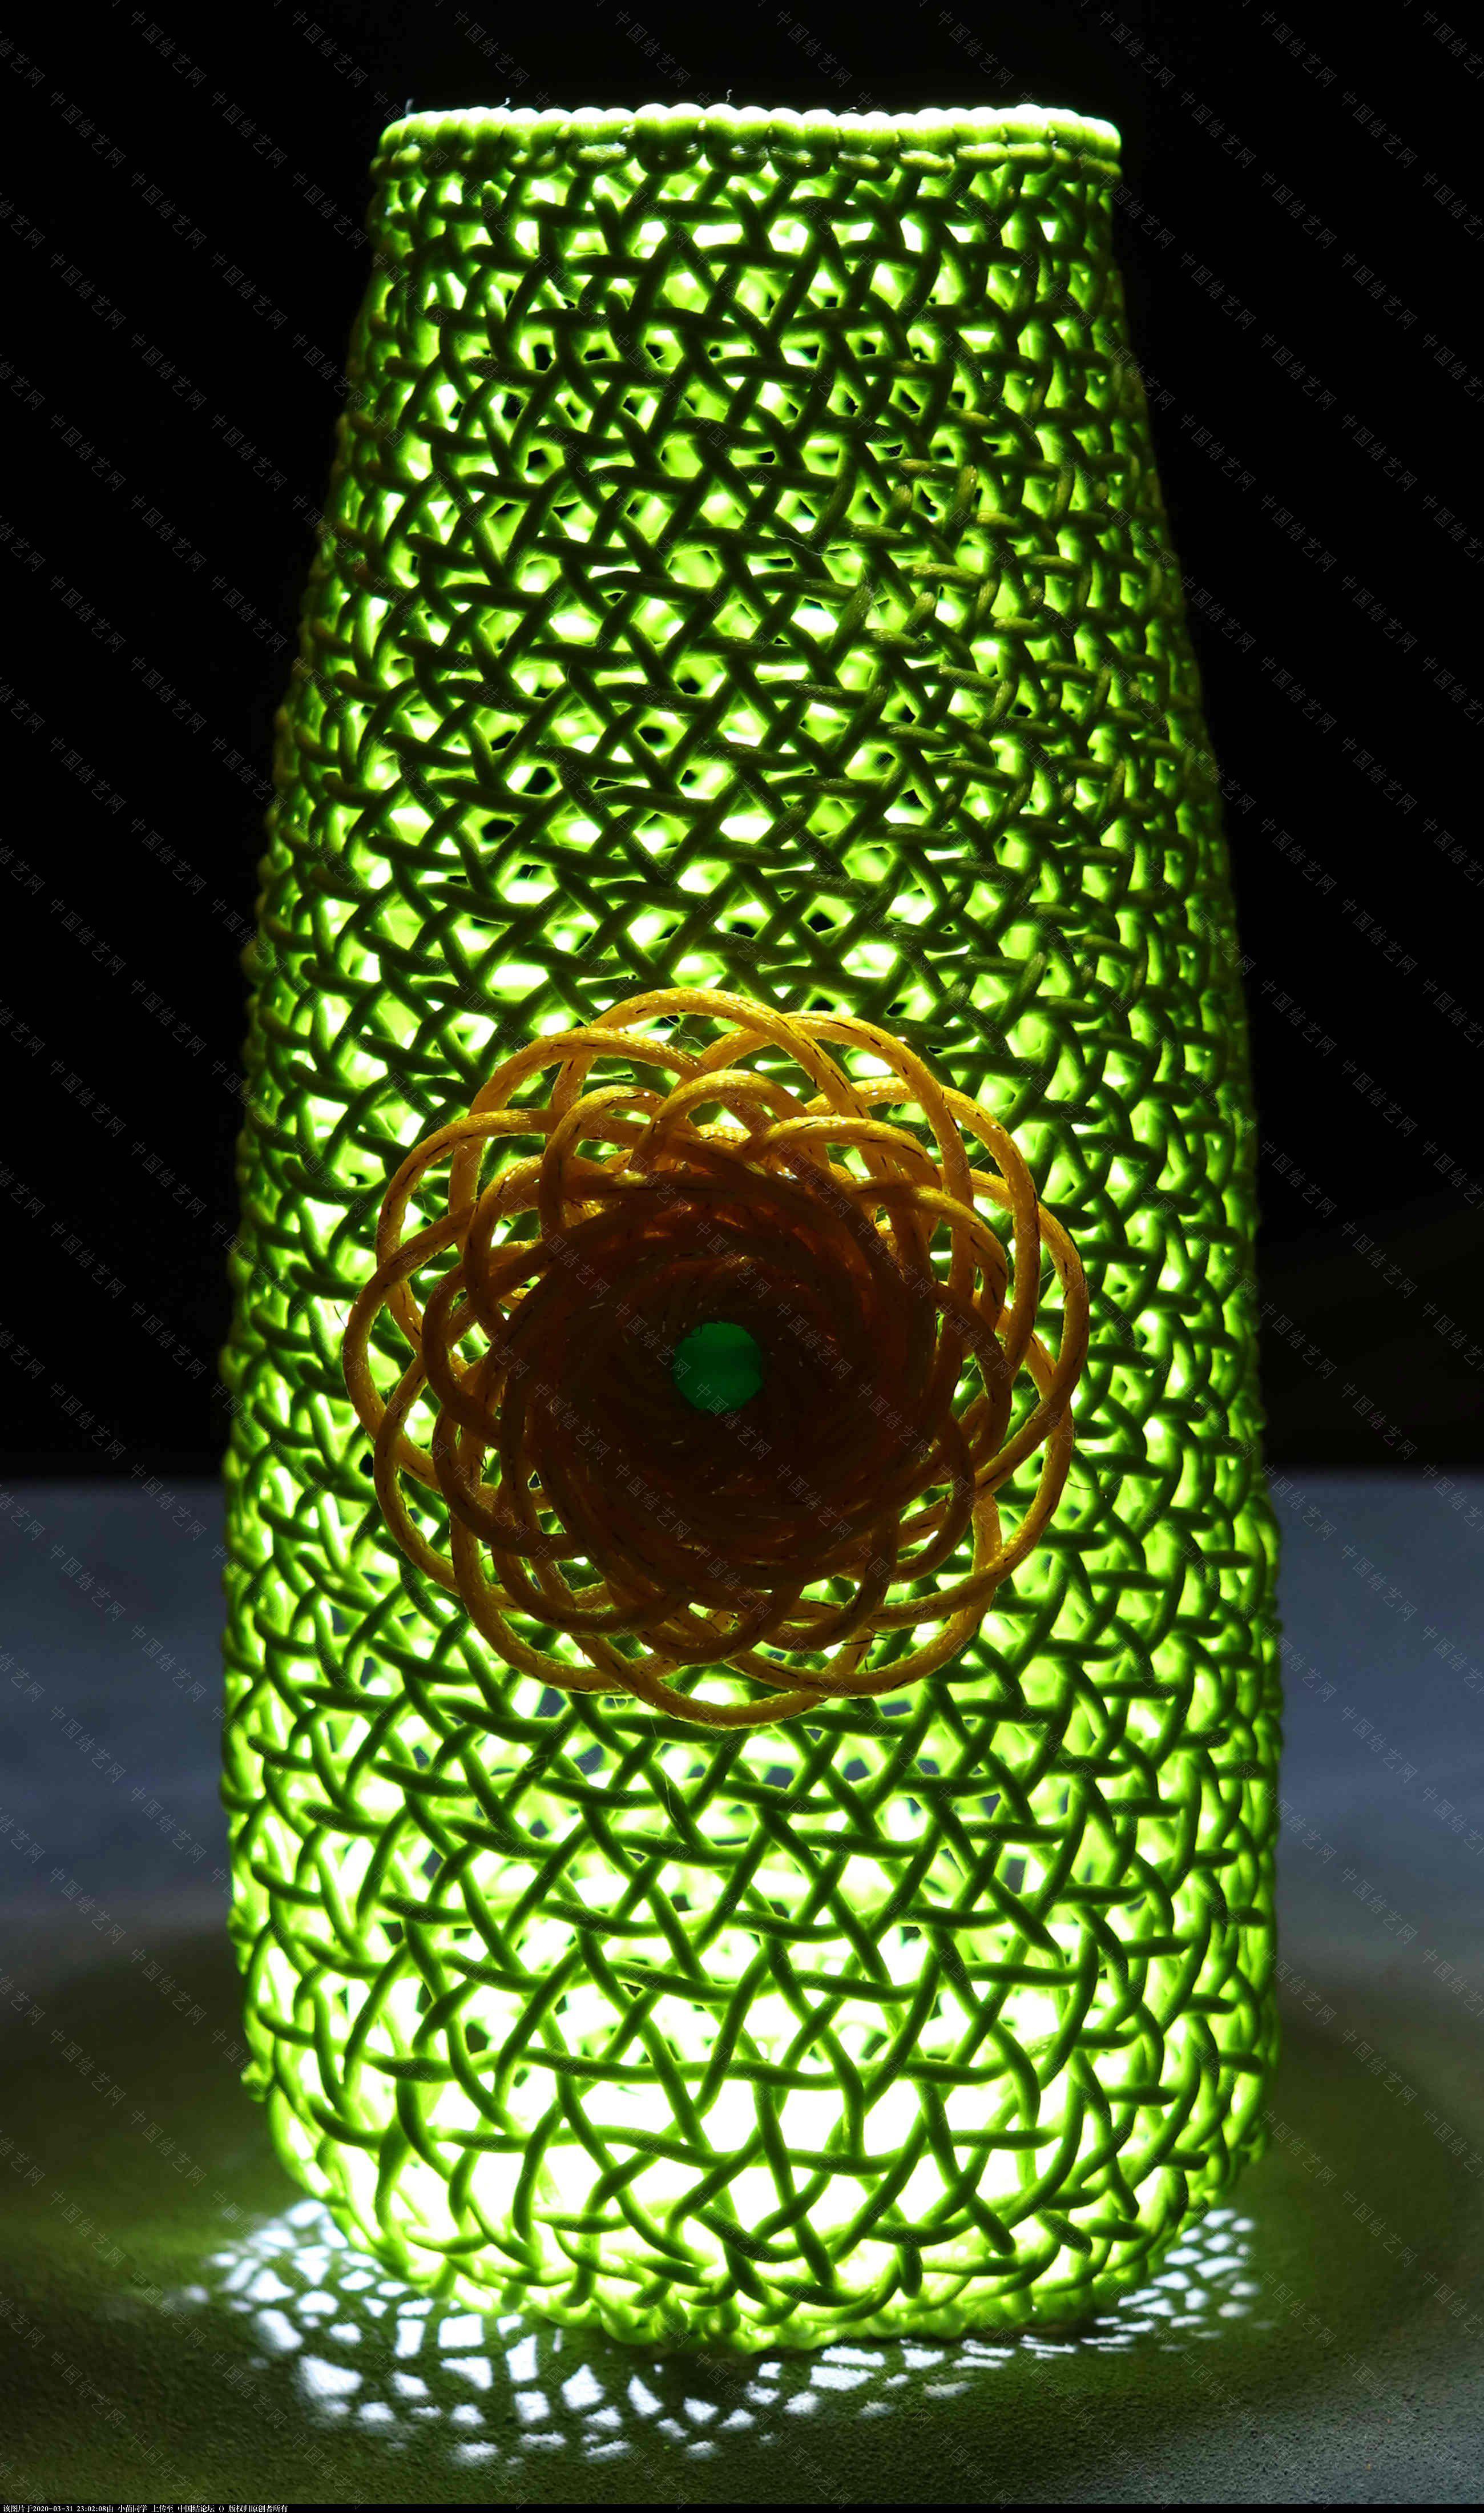 中国结论坛 花股结花瓶 花瓶,花瓶图案,大花瓶,花瓶姑娘,花瓶什么意思 作品展示 230201b73p47xxxyxxd7e7